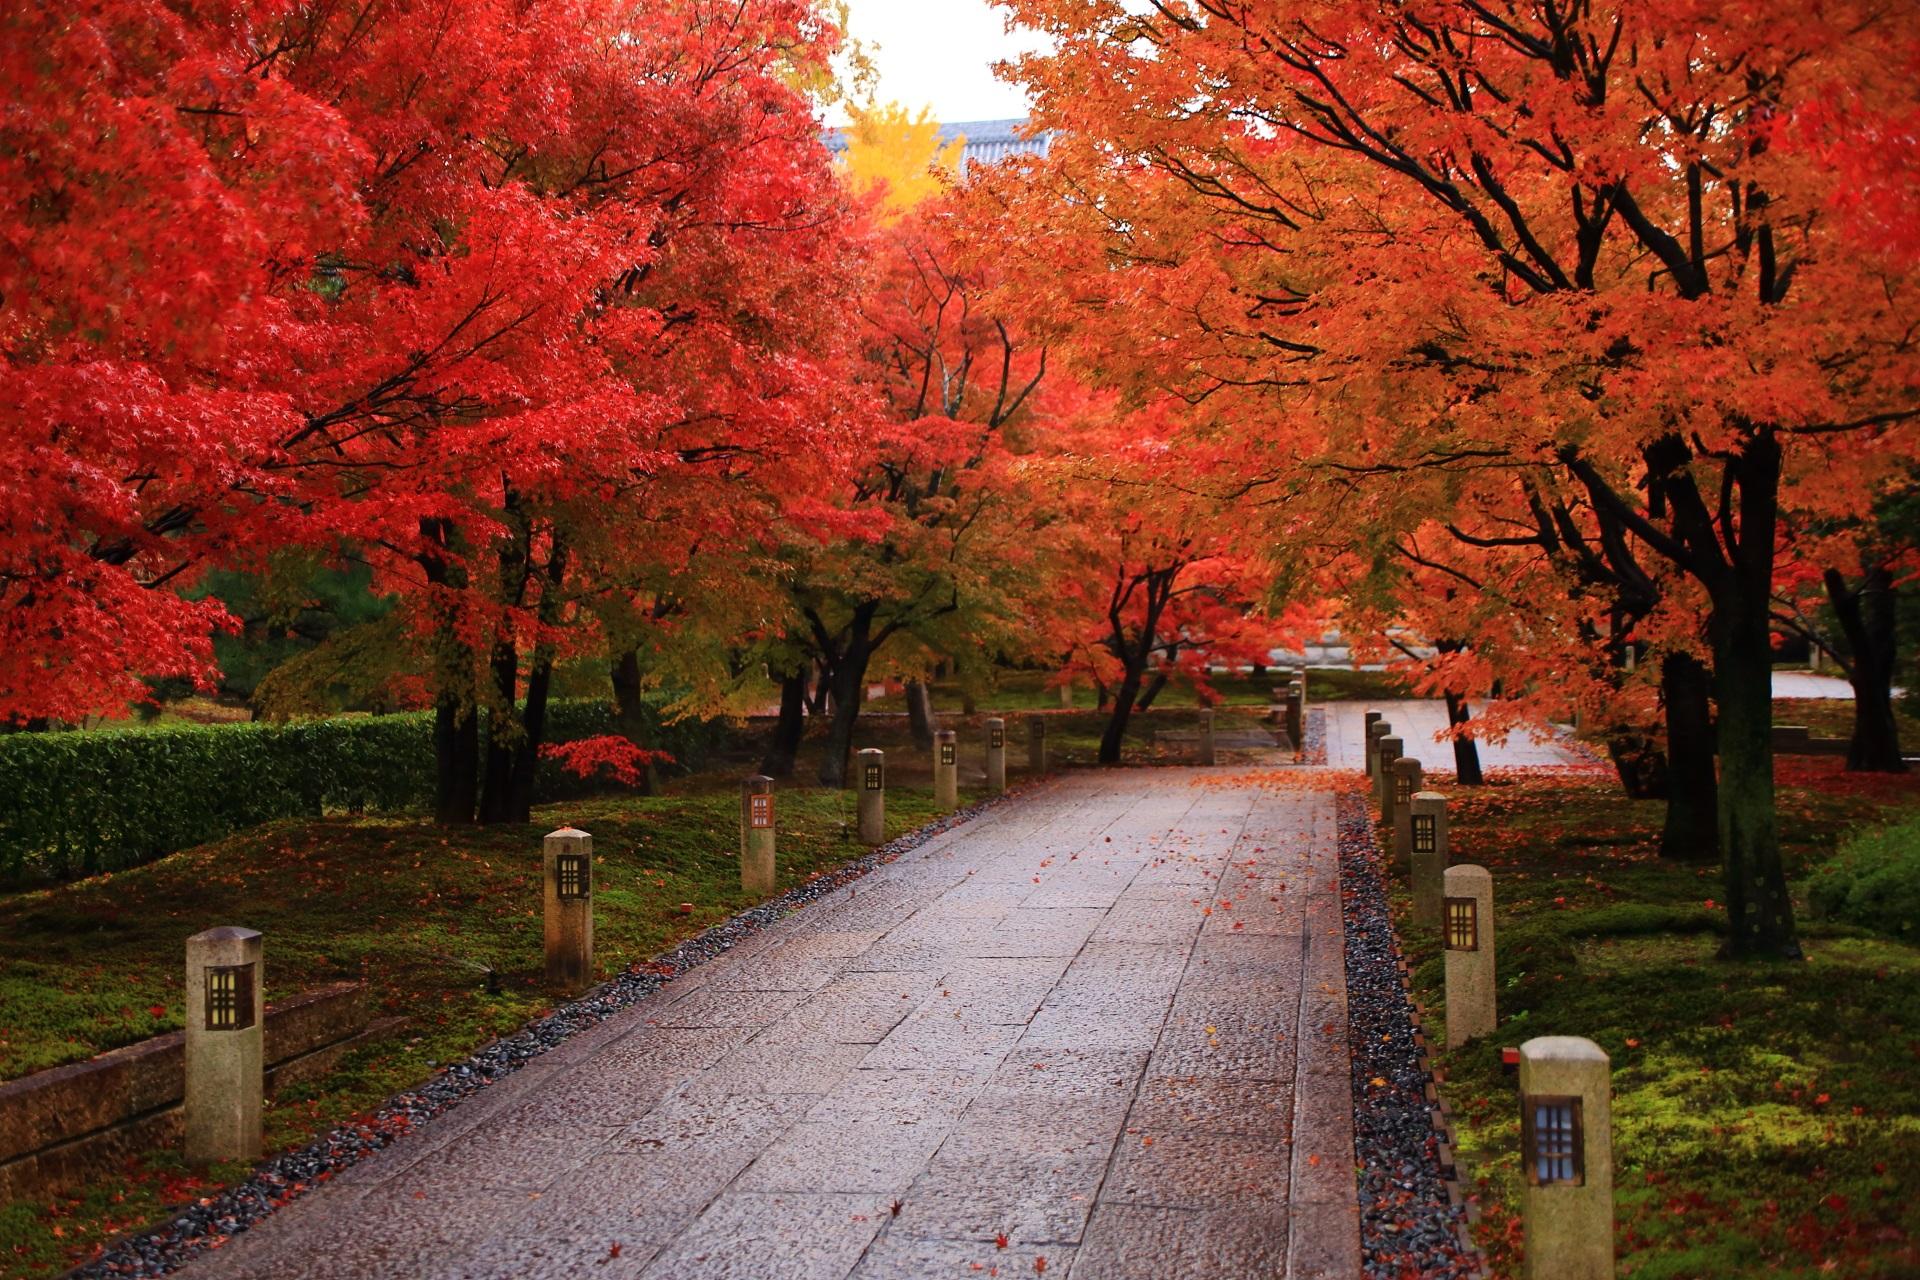 智積院の溢れる赤やオレンジの鮮やかな紅葉